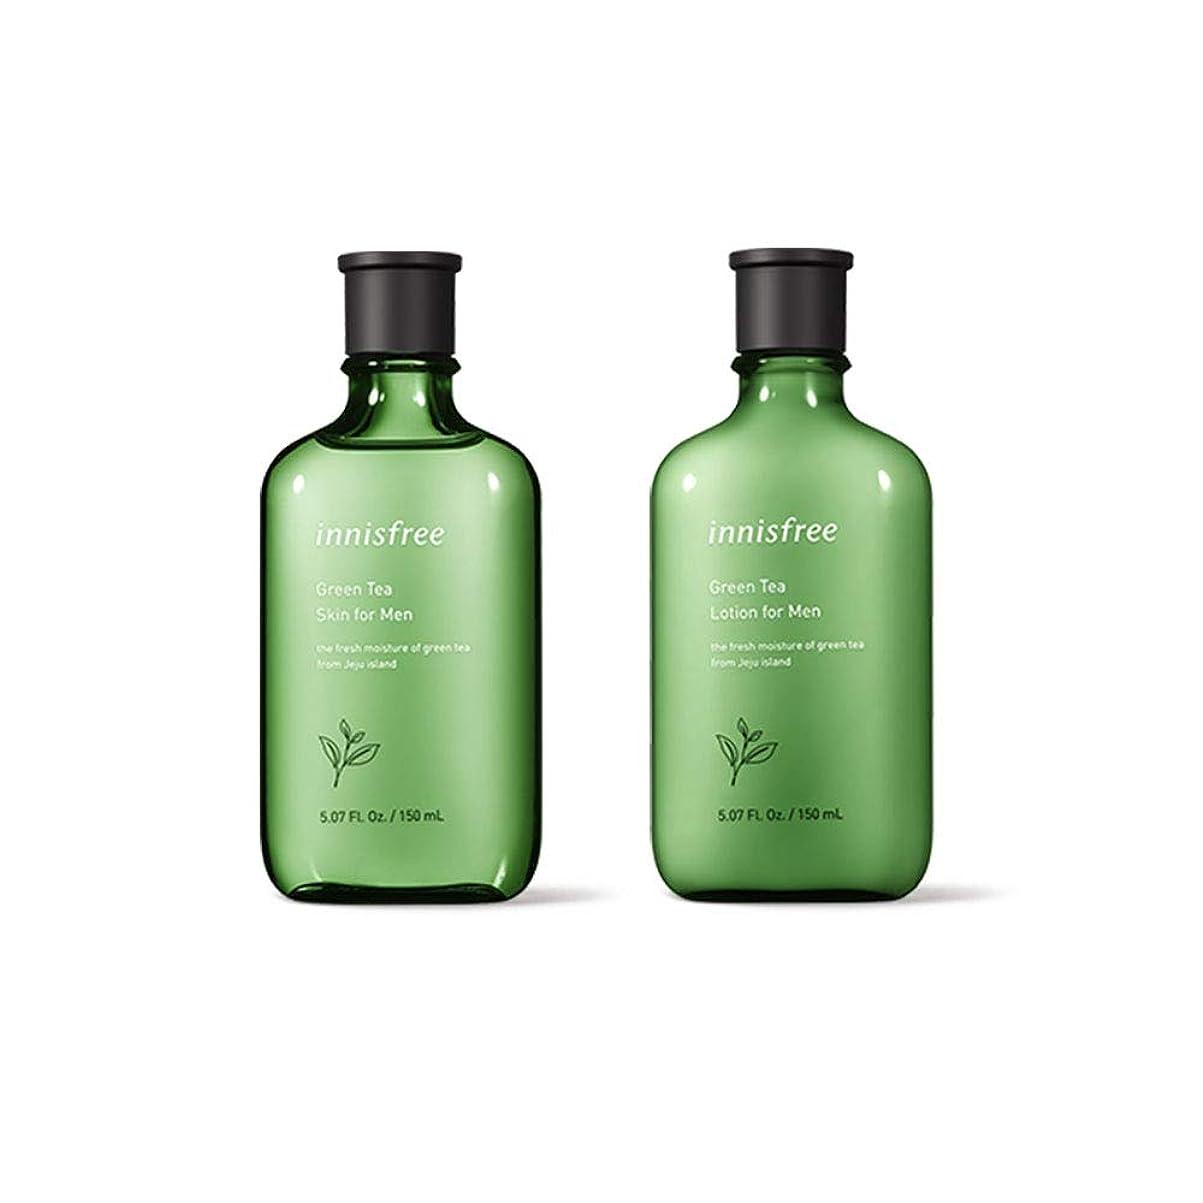 識別パッチピクニックをするイニスフリー Innisfree グリーンティースキン & ローションセットフォーメン(150ml+150ml) Innisfree Green Tea Skin & Lotion Set For Men(150ml+150ml) [海外直送品]